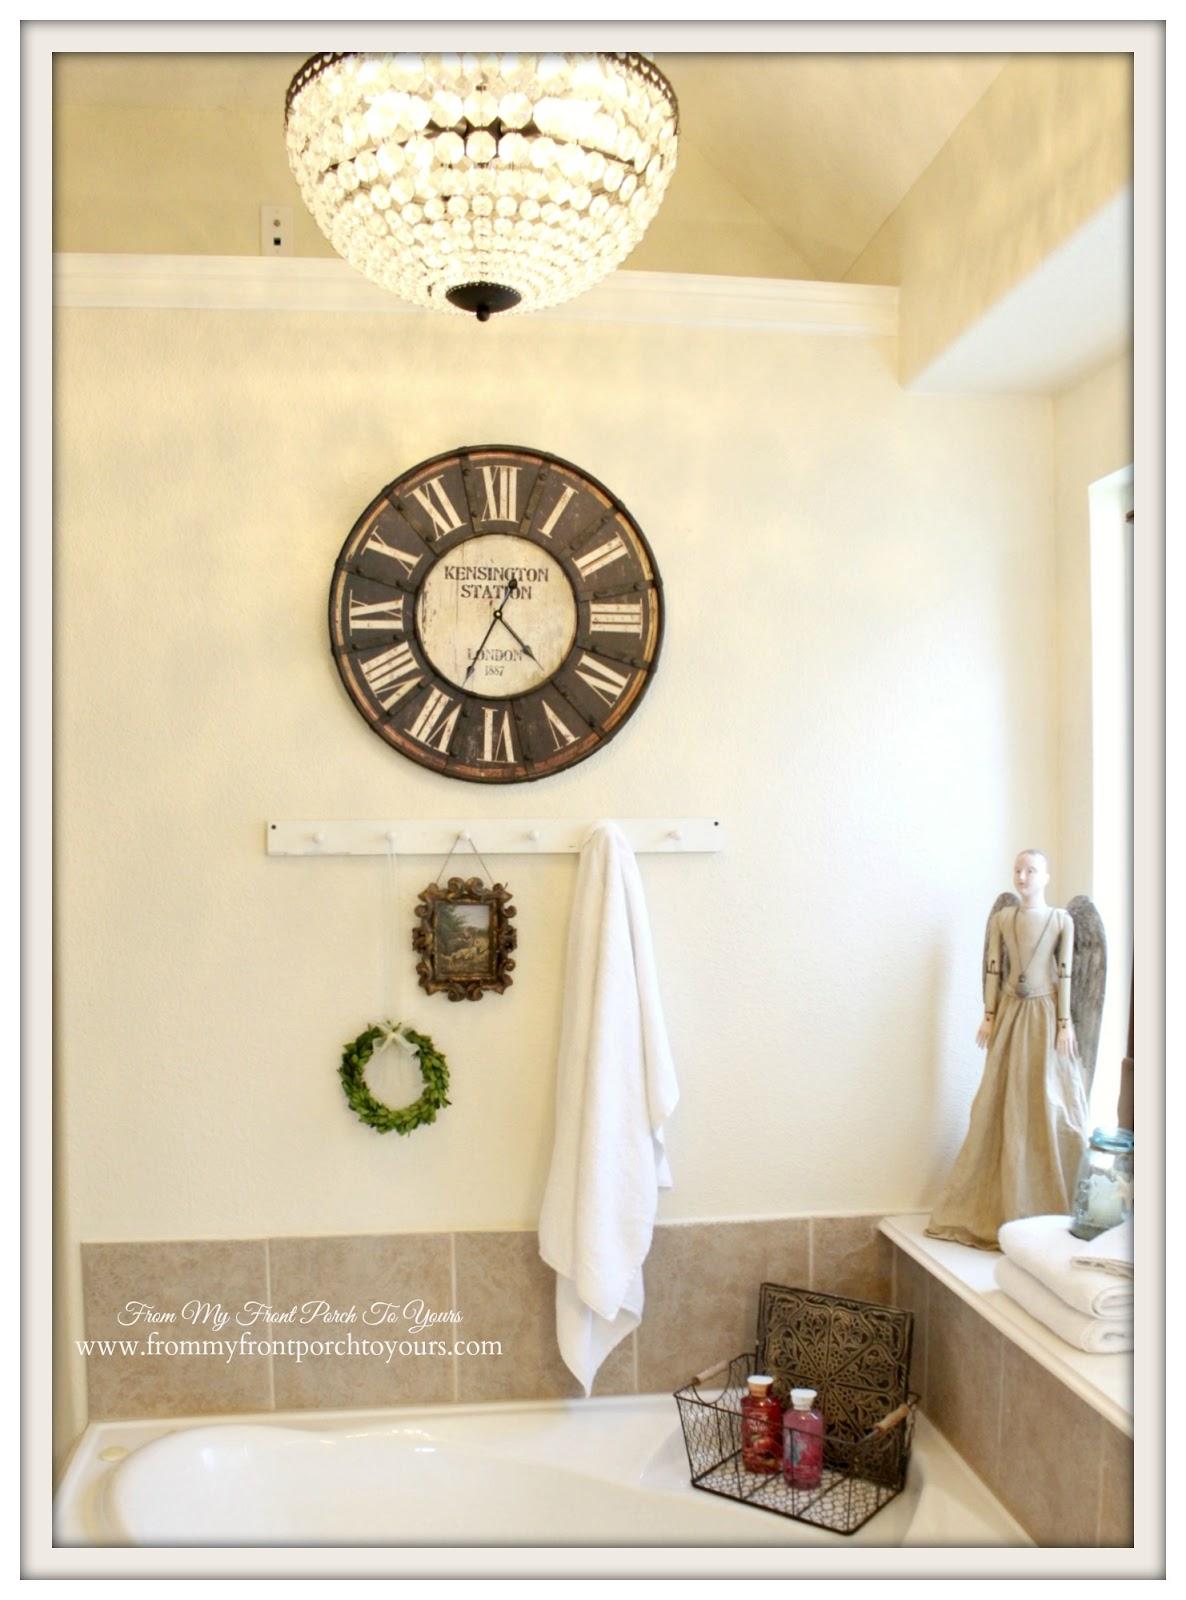 Bathroom wall clocks